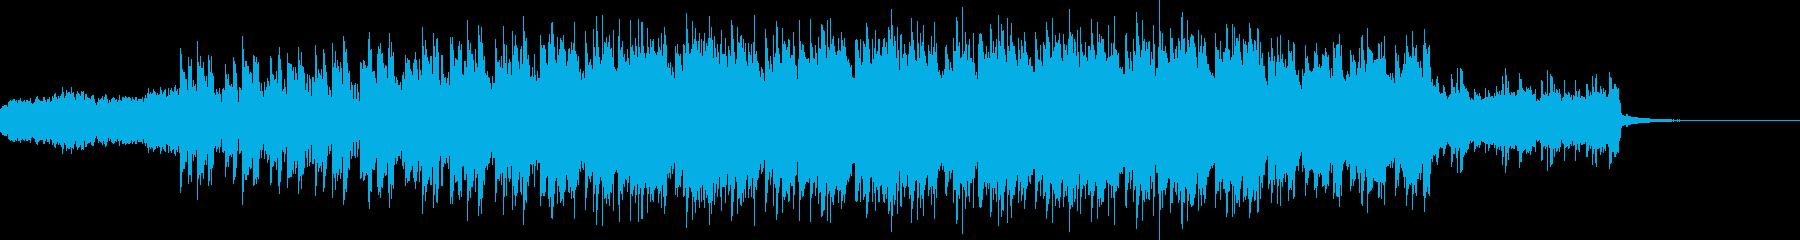 浮遊感のあるドリームシンセ ポップの再生済みの波形